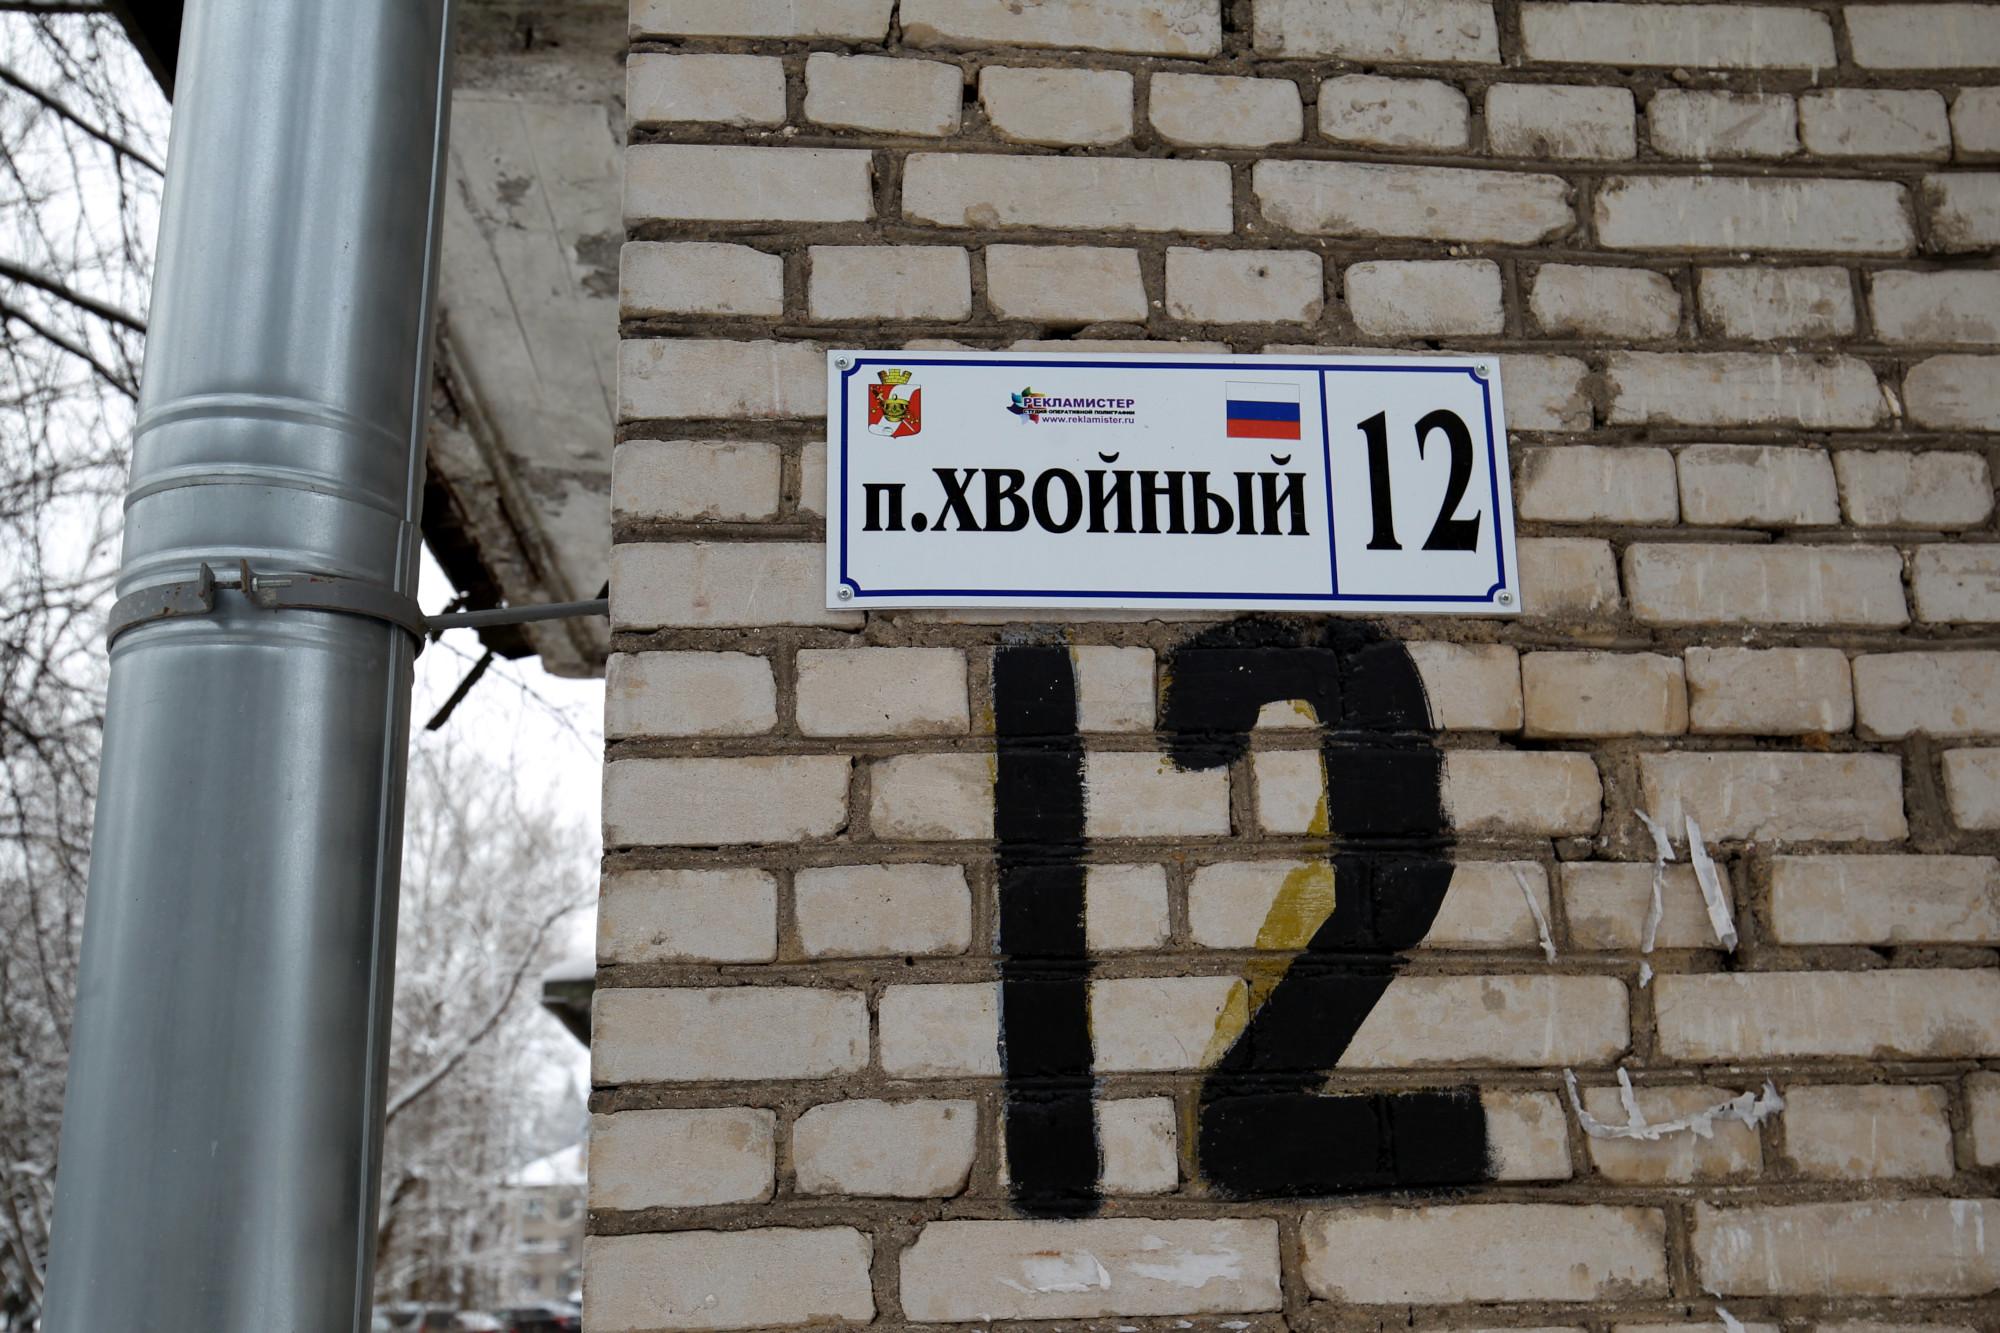 посёлок Хвойный, табличка с адресом